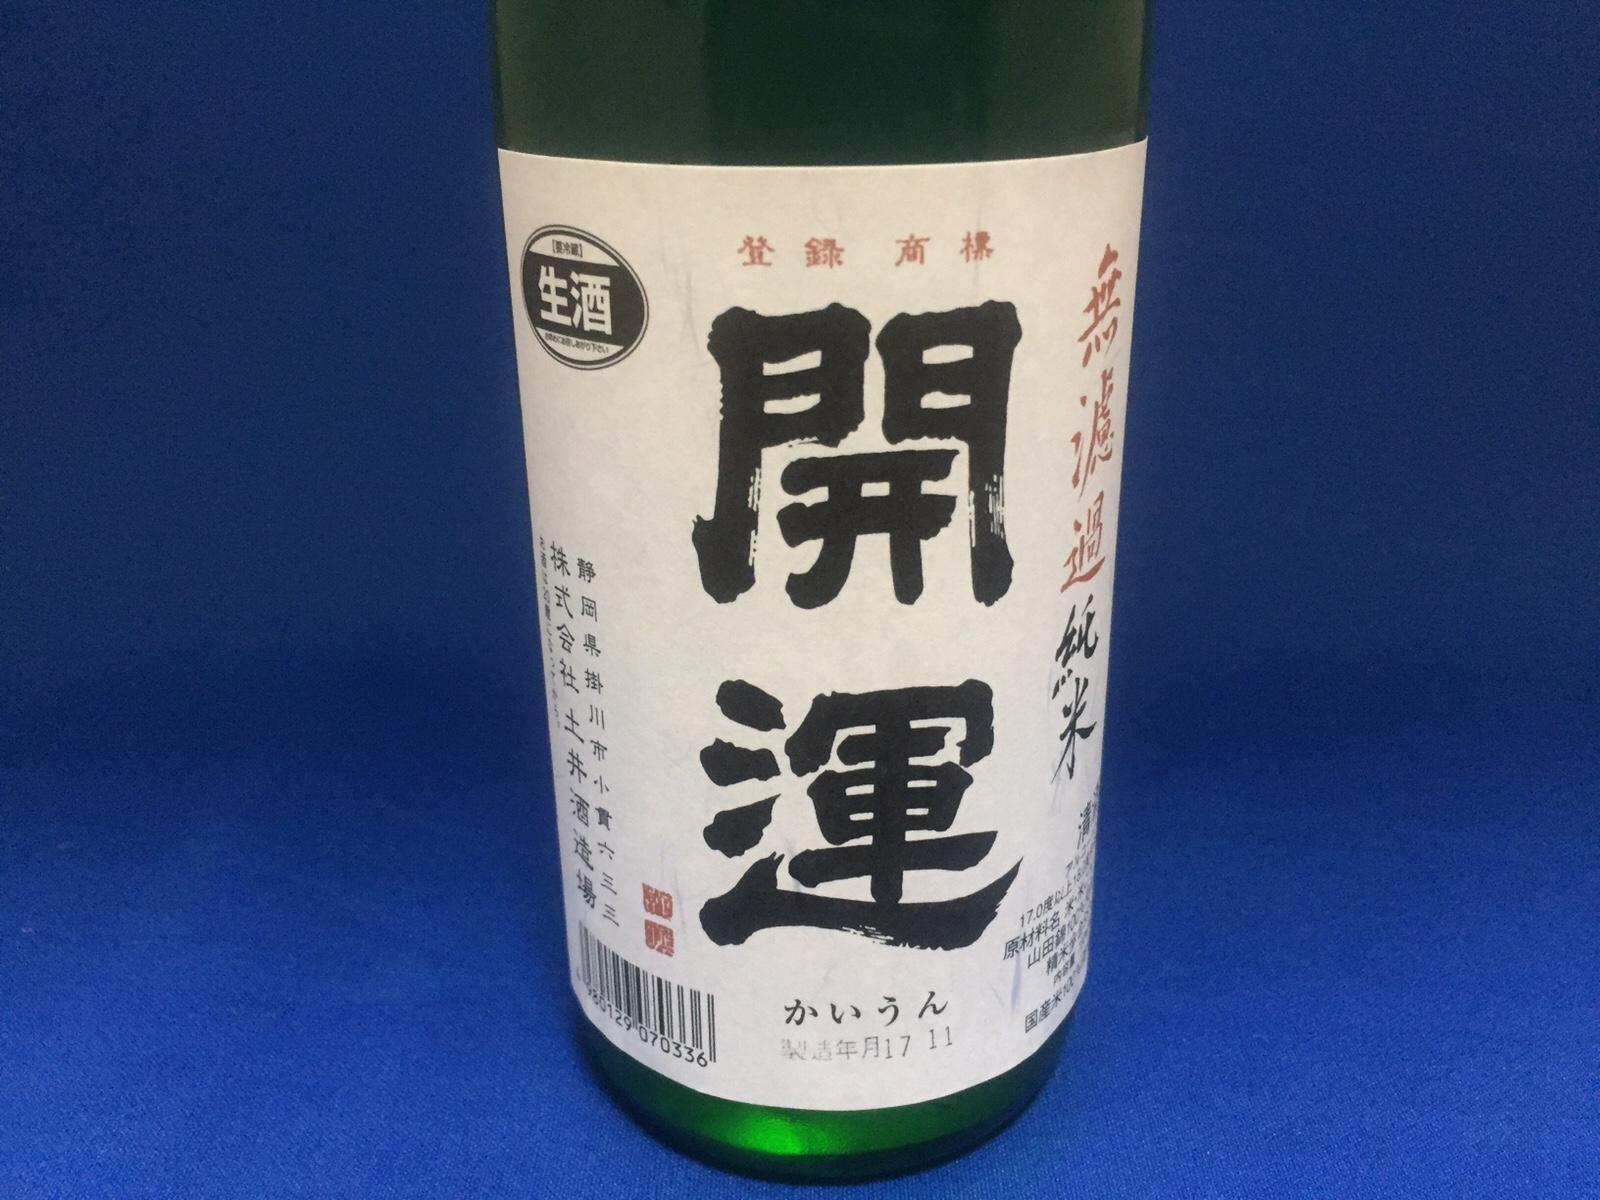 """伝統の技と品質へのこだわりが生む祝い酒""""開運""""無濾過純米生酒"""